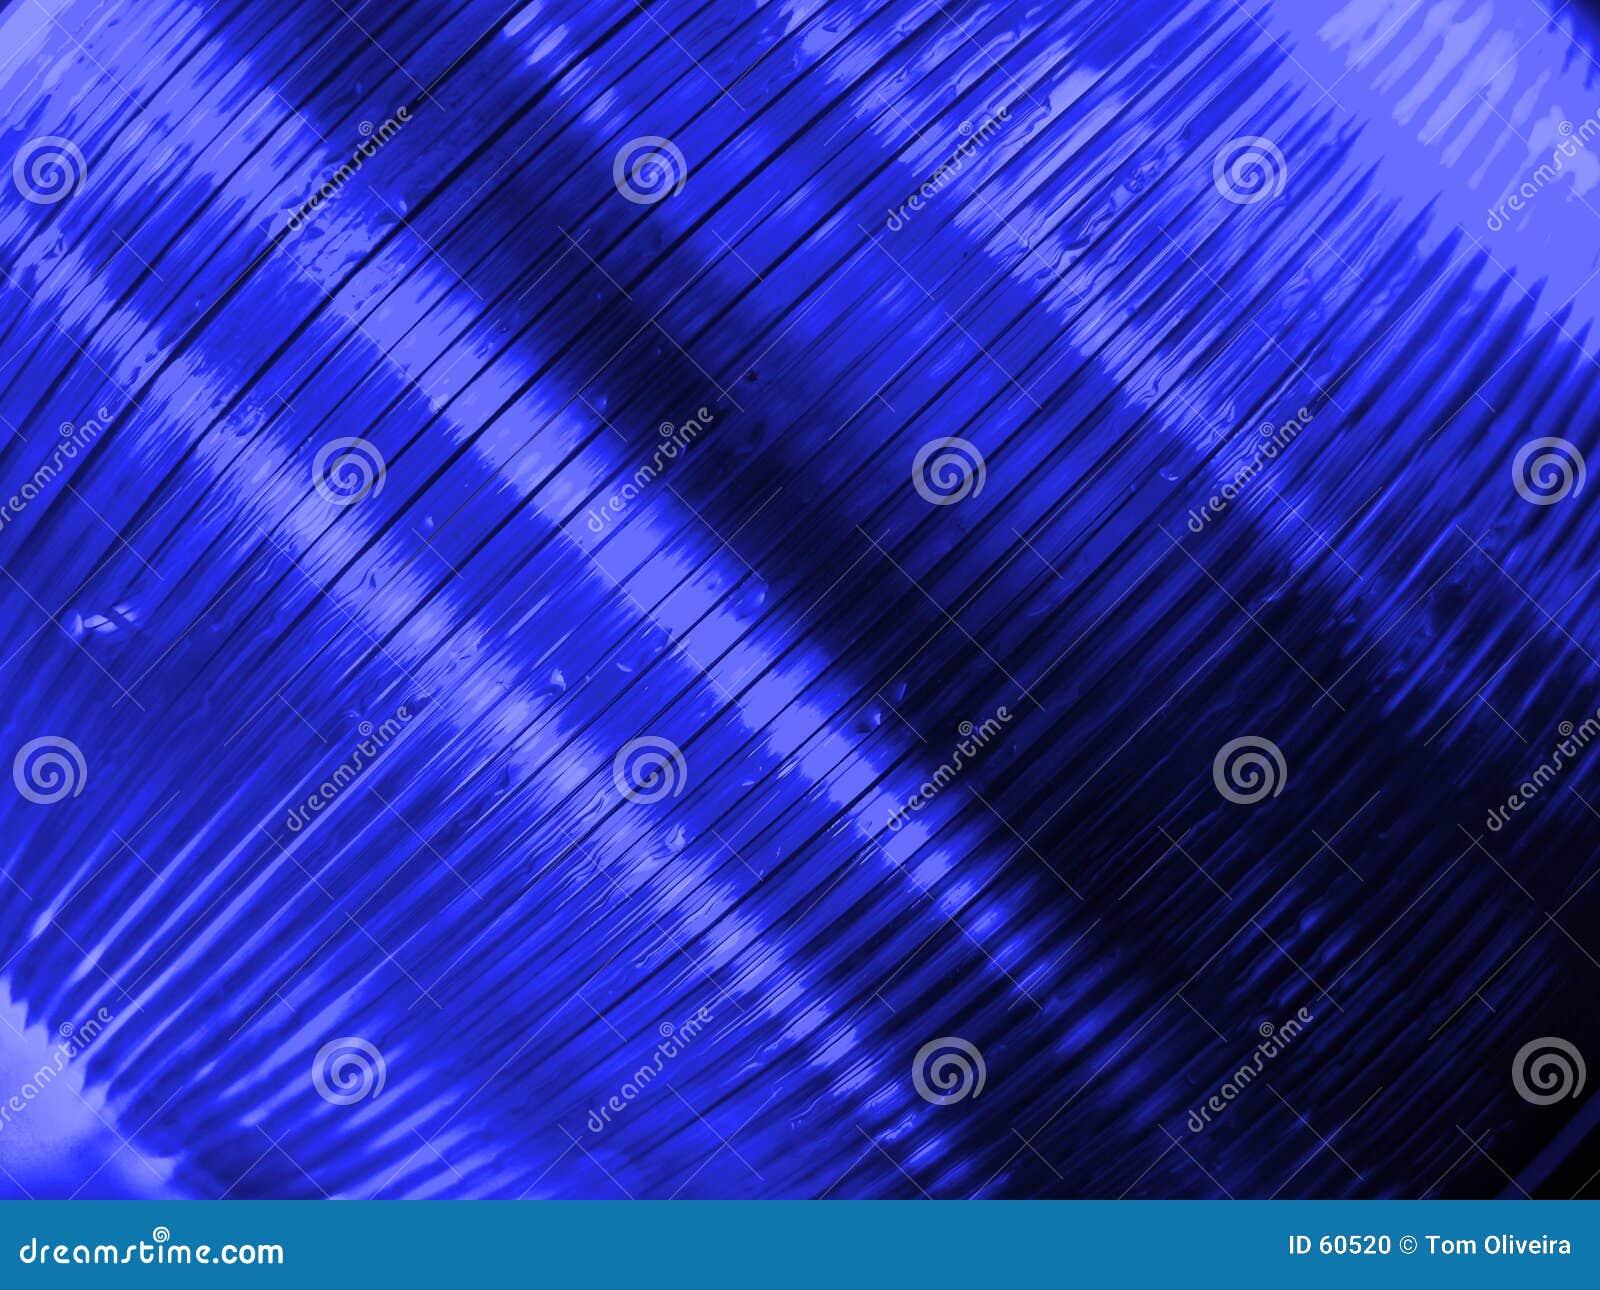 Blue cds